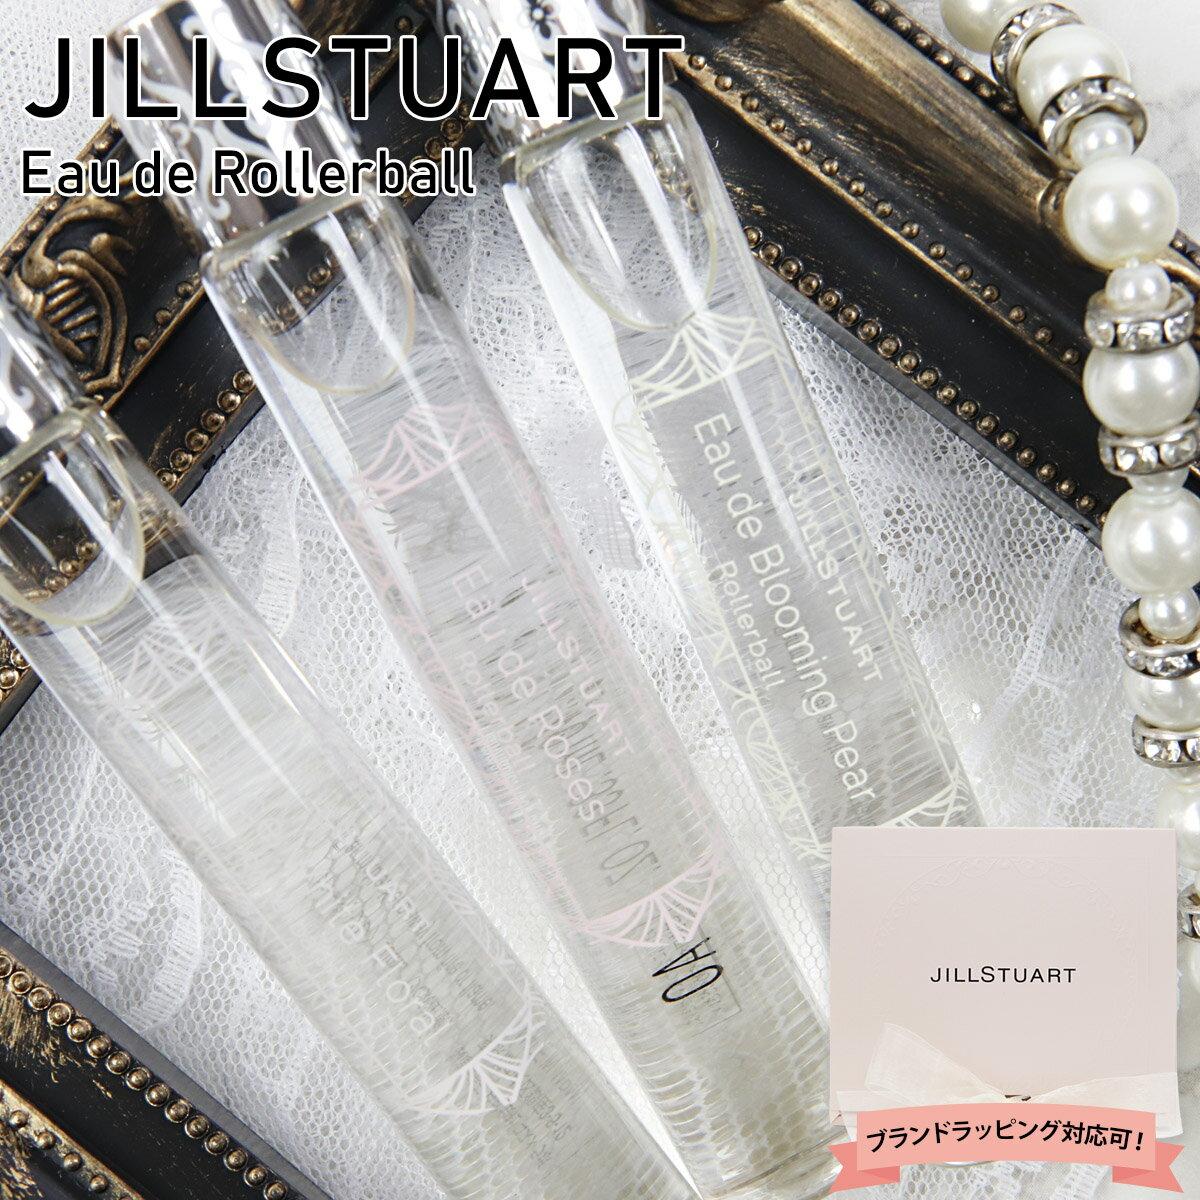 美容・コスメ・香水, 香水・フレグランス  JILL STUART 10ml